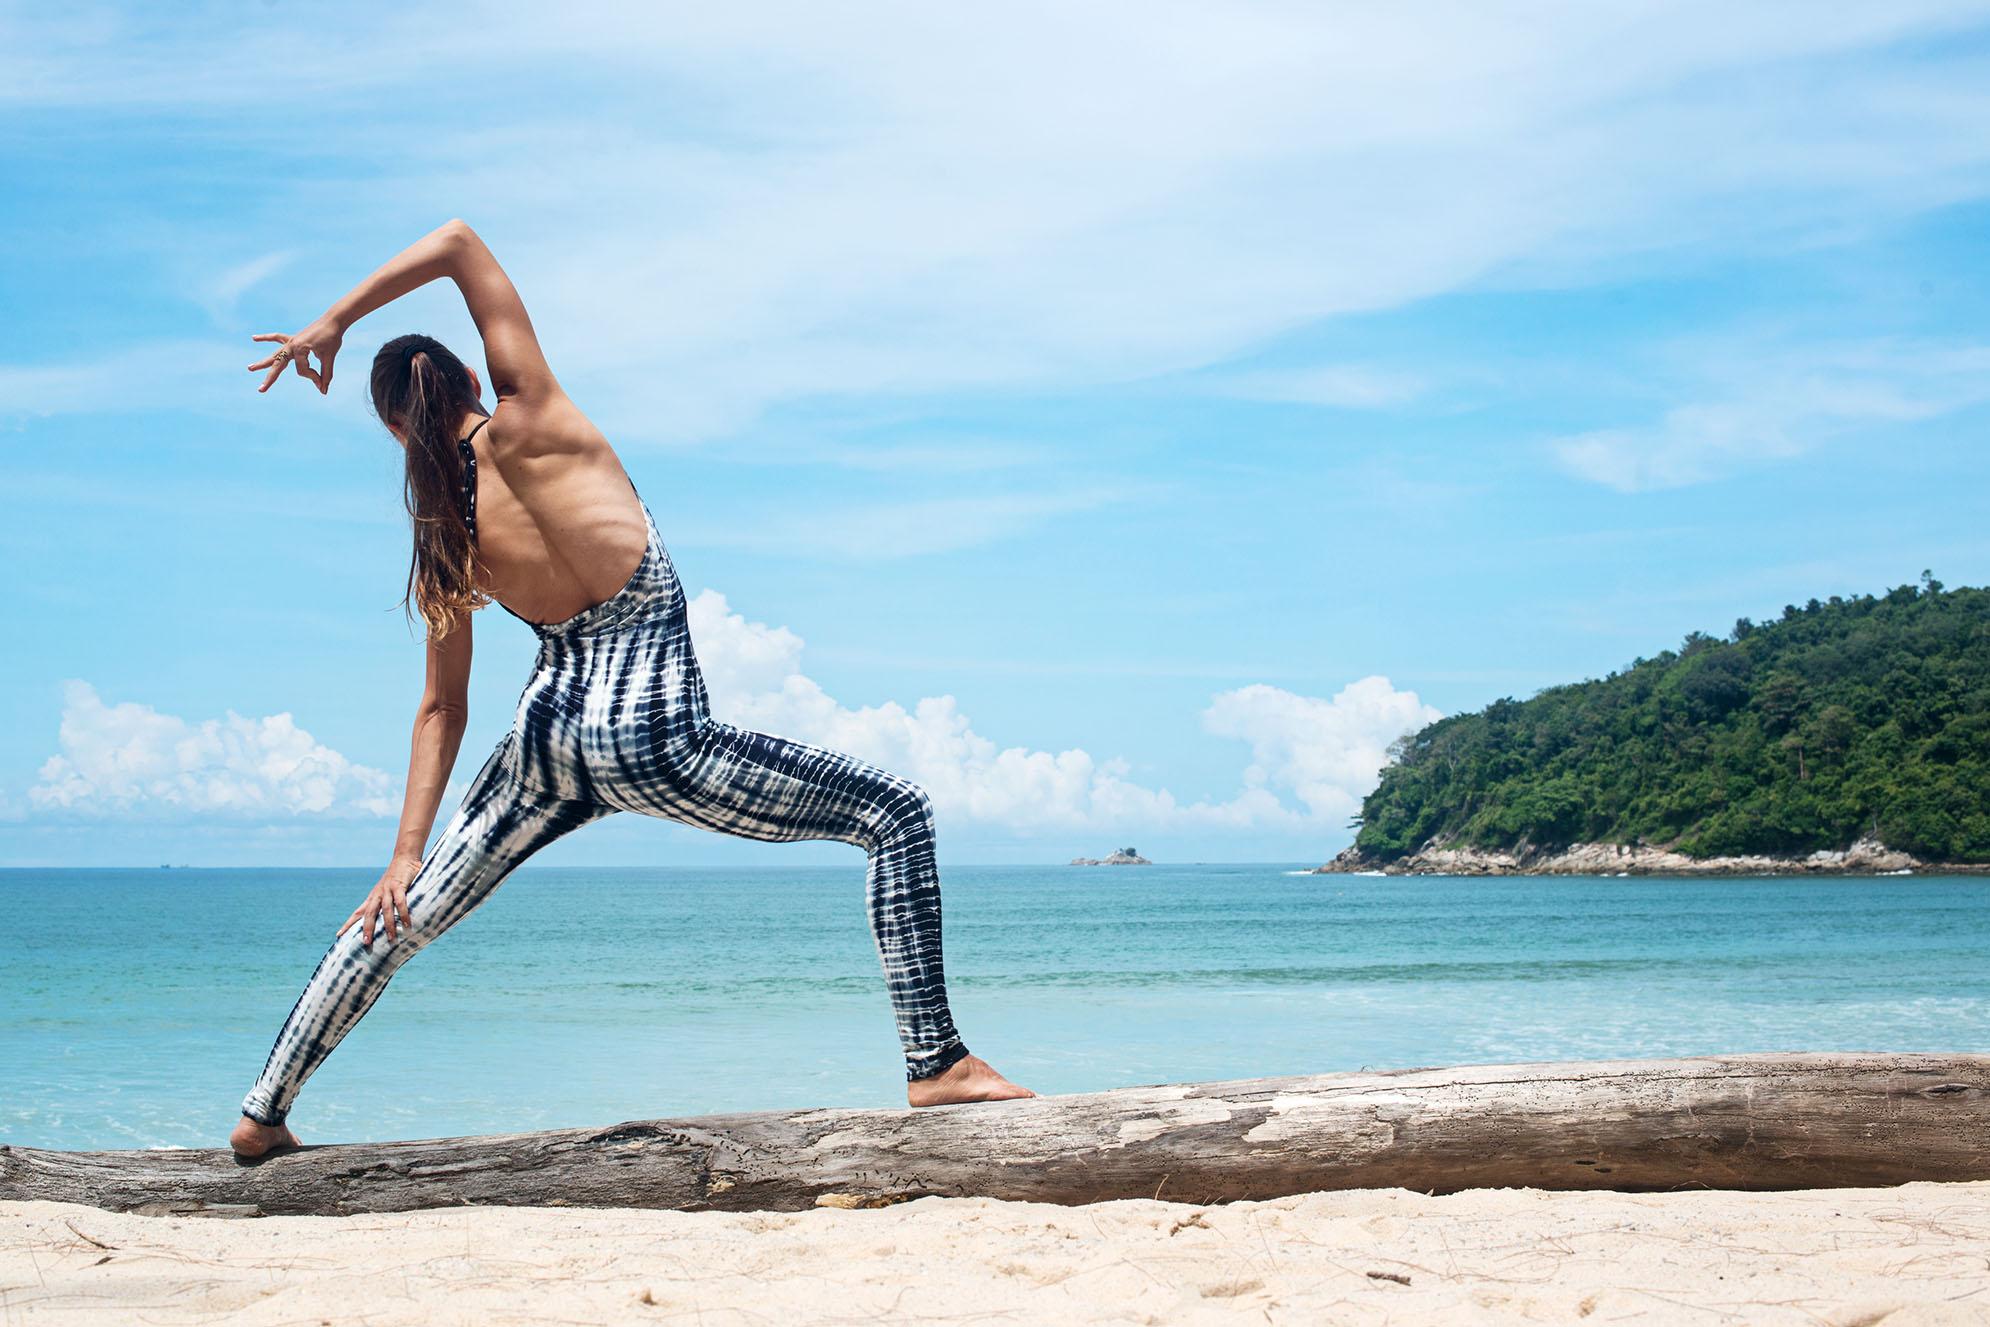 Reversed Worrior Omlala Yoga Tie Dye Jumpsuit Legging Phuket